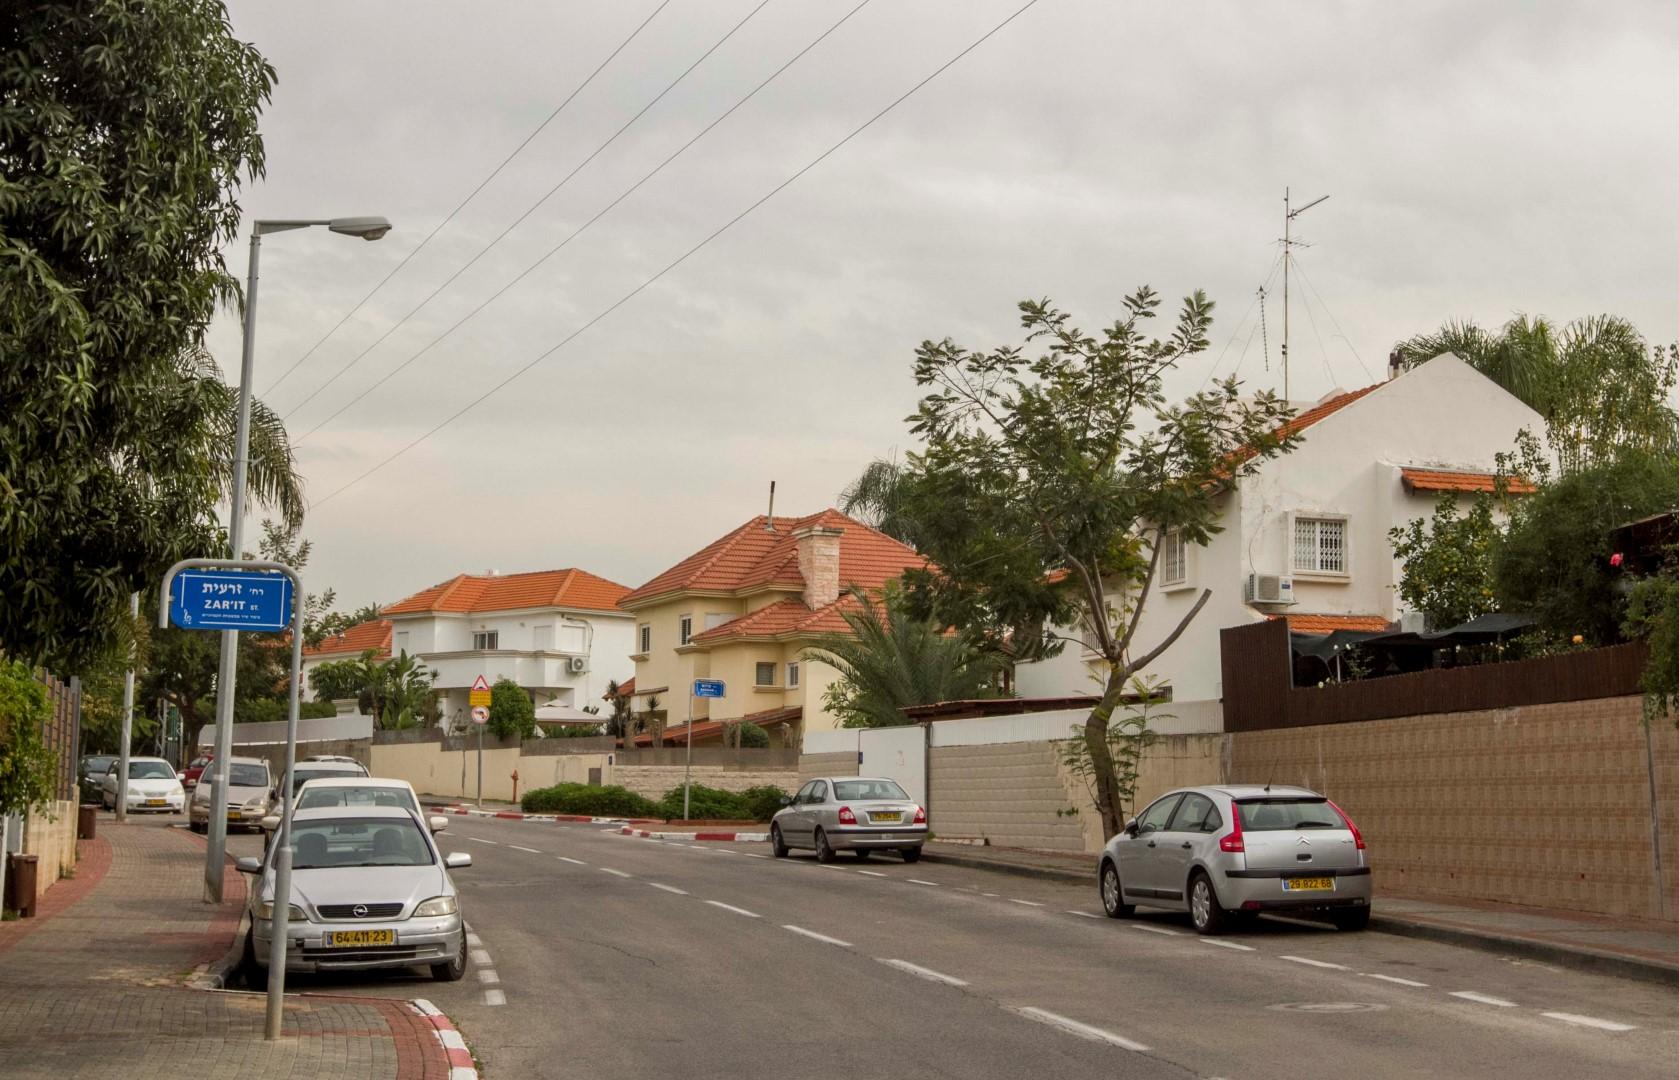 שכונת גבעת הסלעים (צילום: עידו ארז) (צילום: עידו ארז)